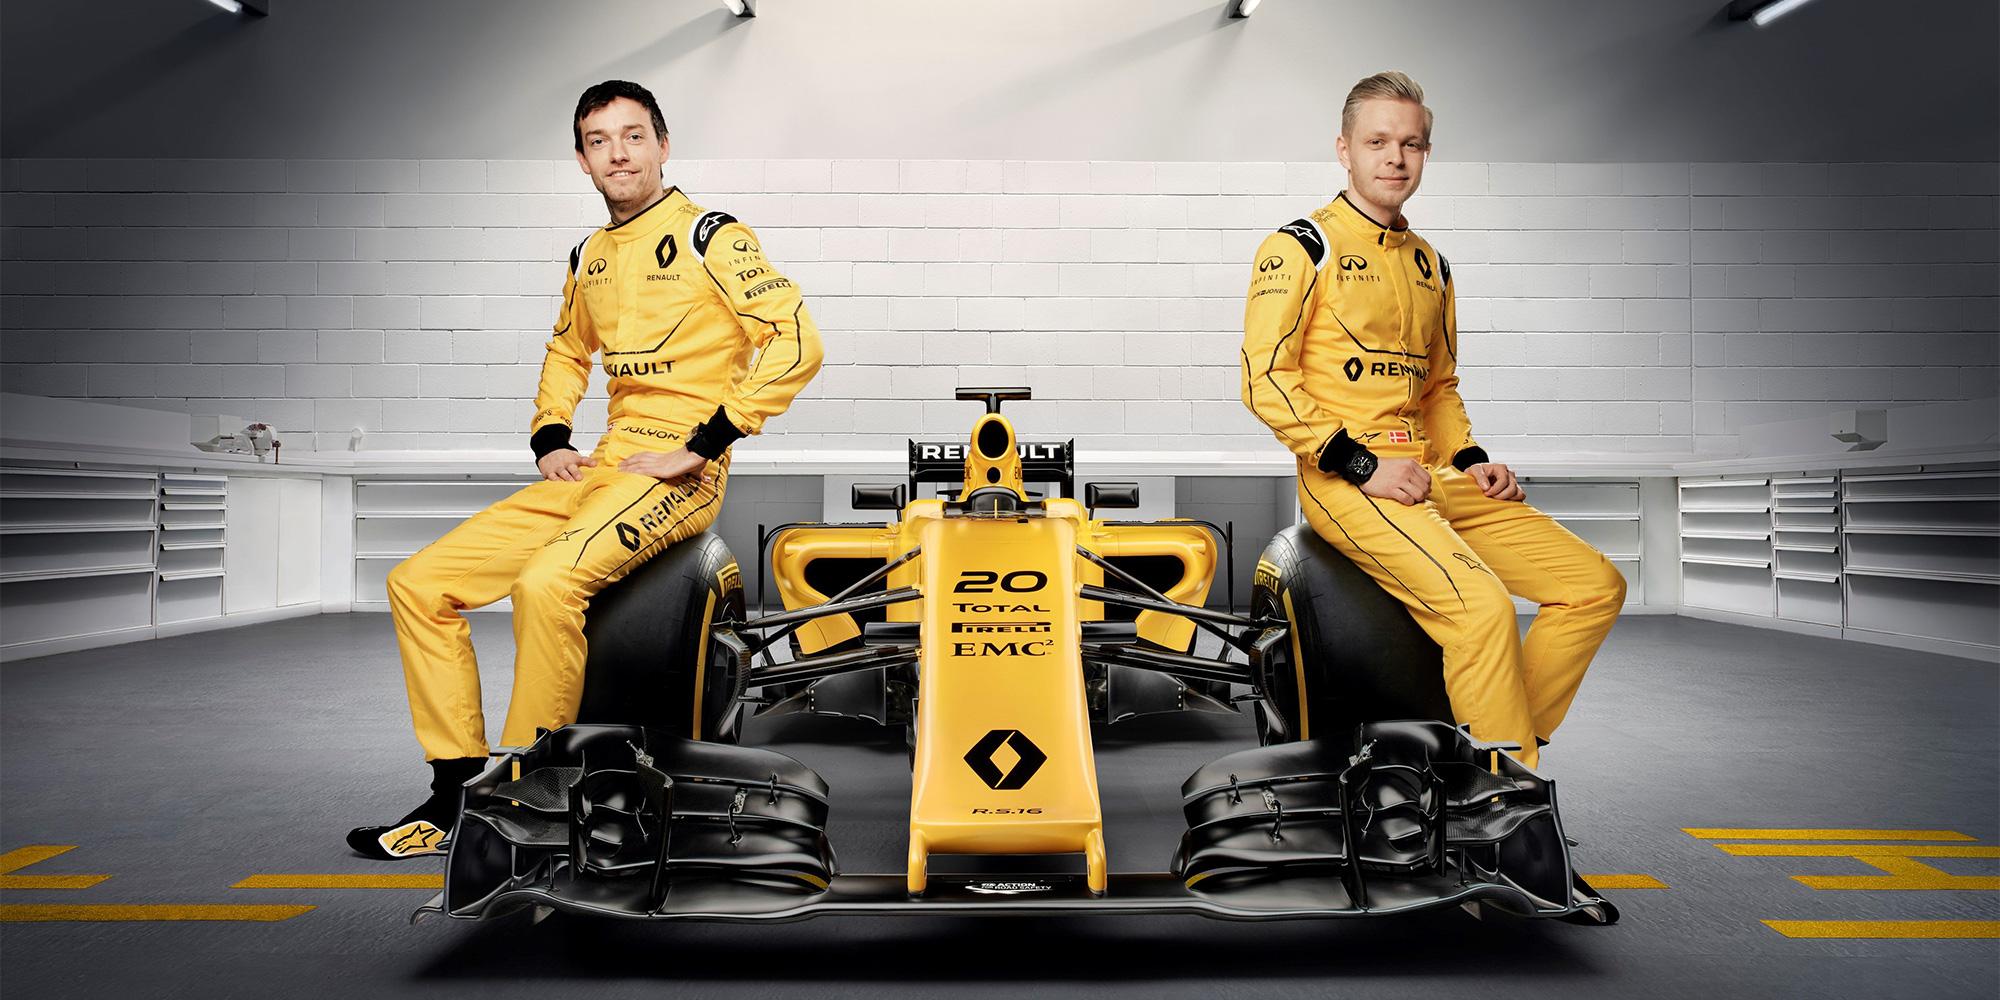 R.S.16, Kevin Magnussen, Jolyon Palmer, Formel 1, 2016